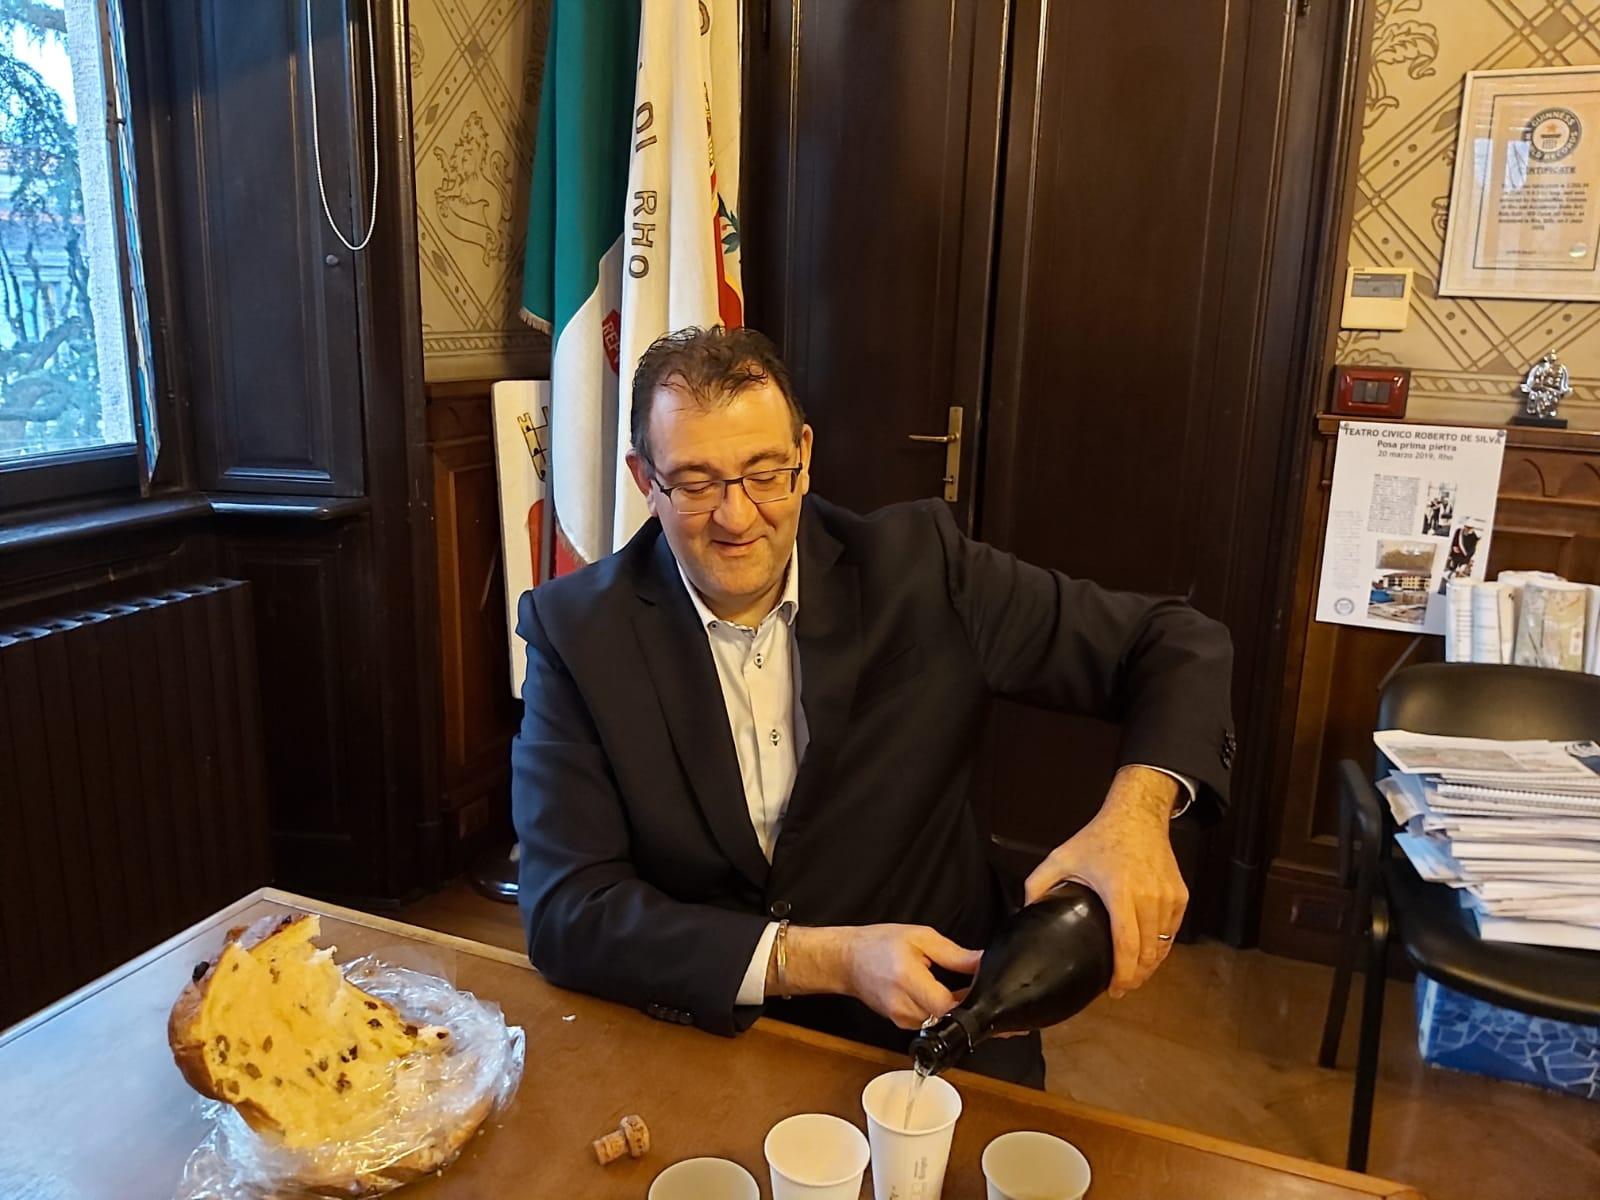 Scambio auguri sindaco di Rho (5)